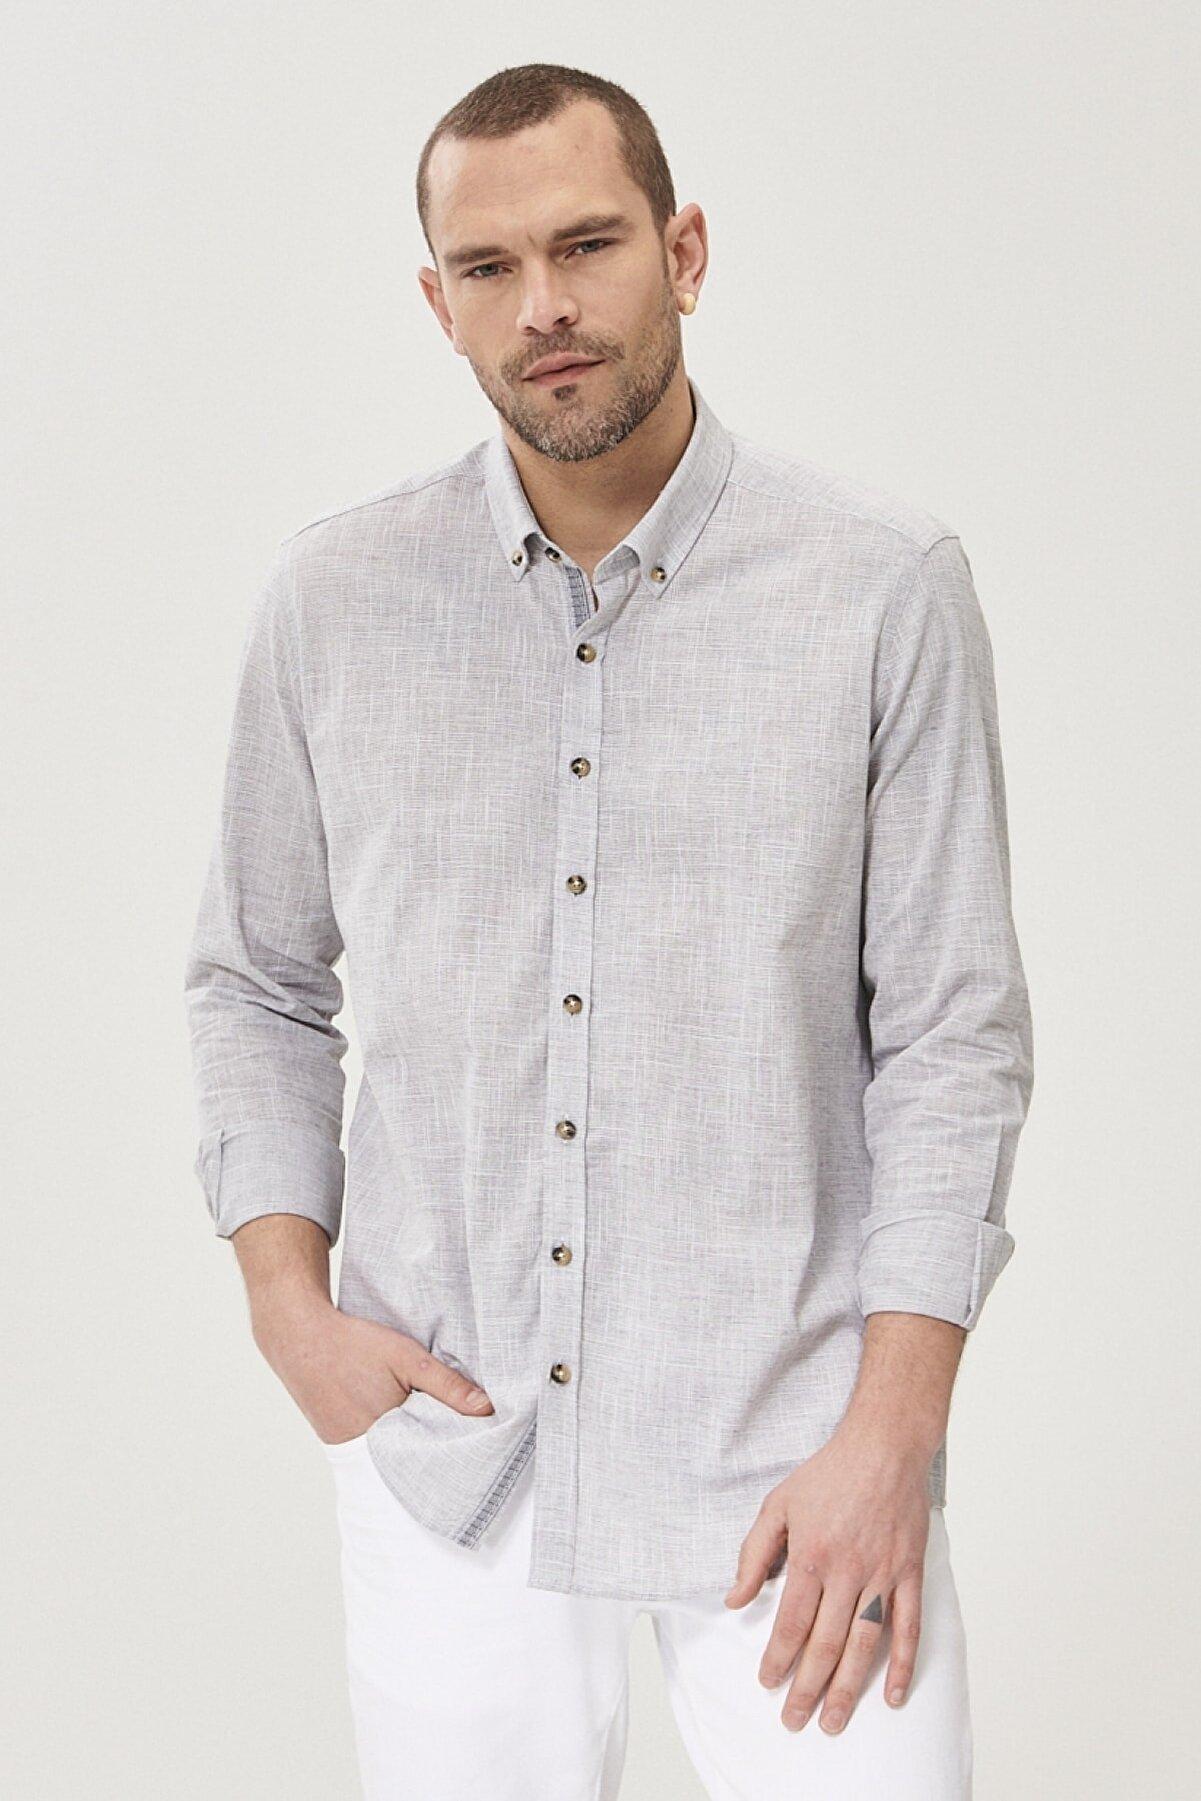 Altınyıldız Classics Erkek Antrasit Tailored Slim Fit Dar Kesim Düğmeli Yaka %100 Koton Gömlek